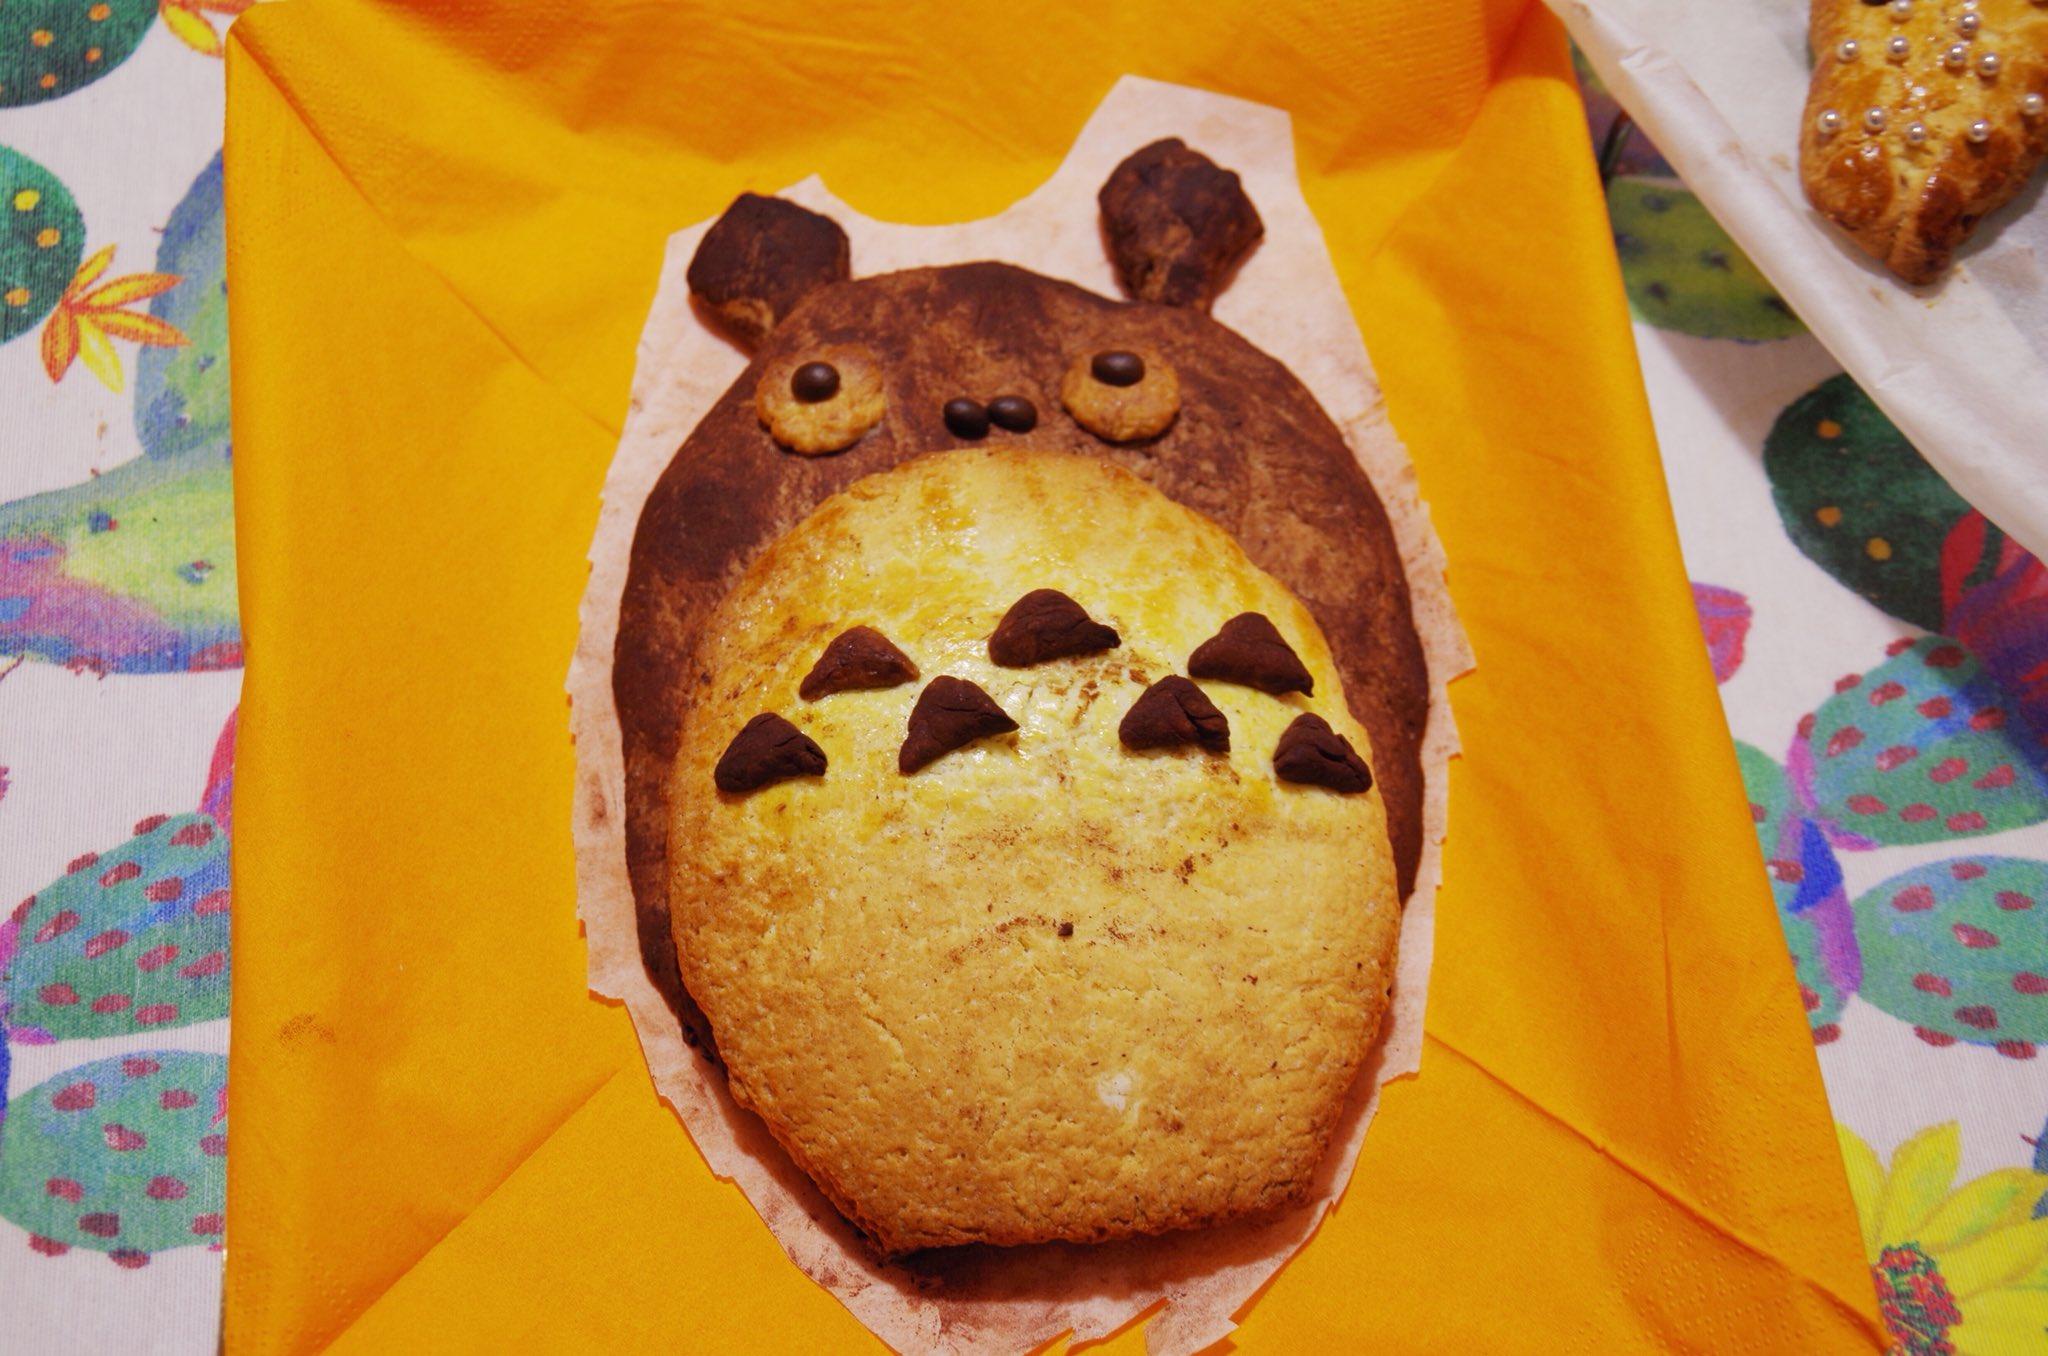 友人が、復活祭のためトトロを焼く⇒お手並み拝見⇒…私のトトロよ、さようなら